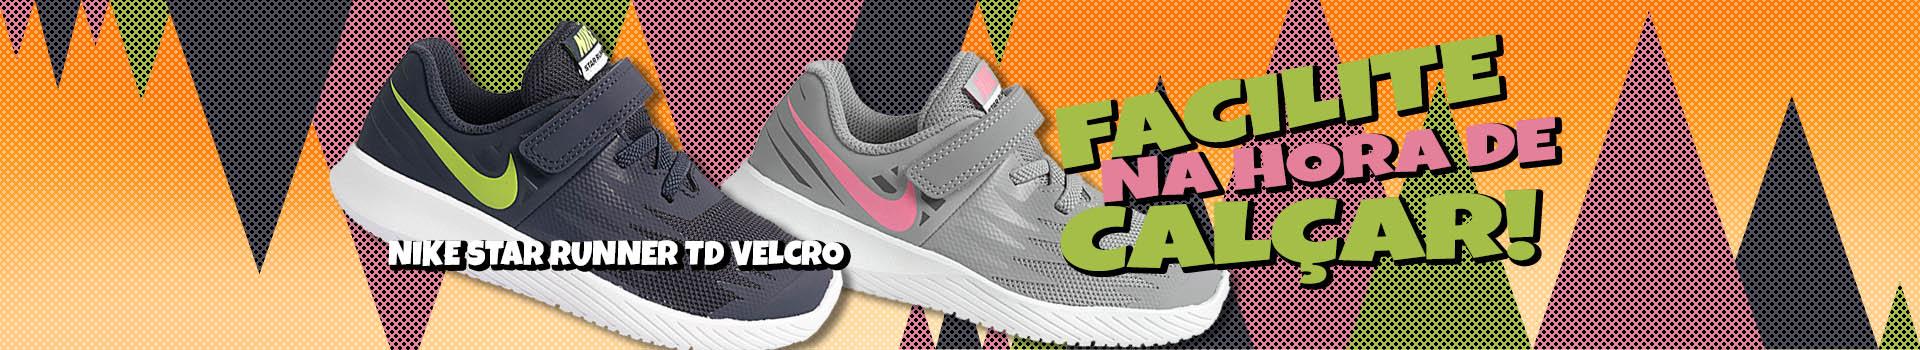 TV1-Nike_Star_Runner